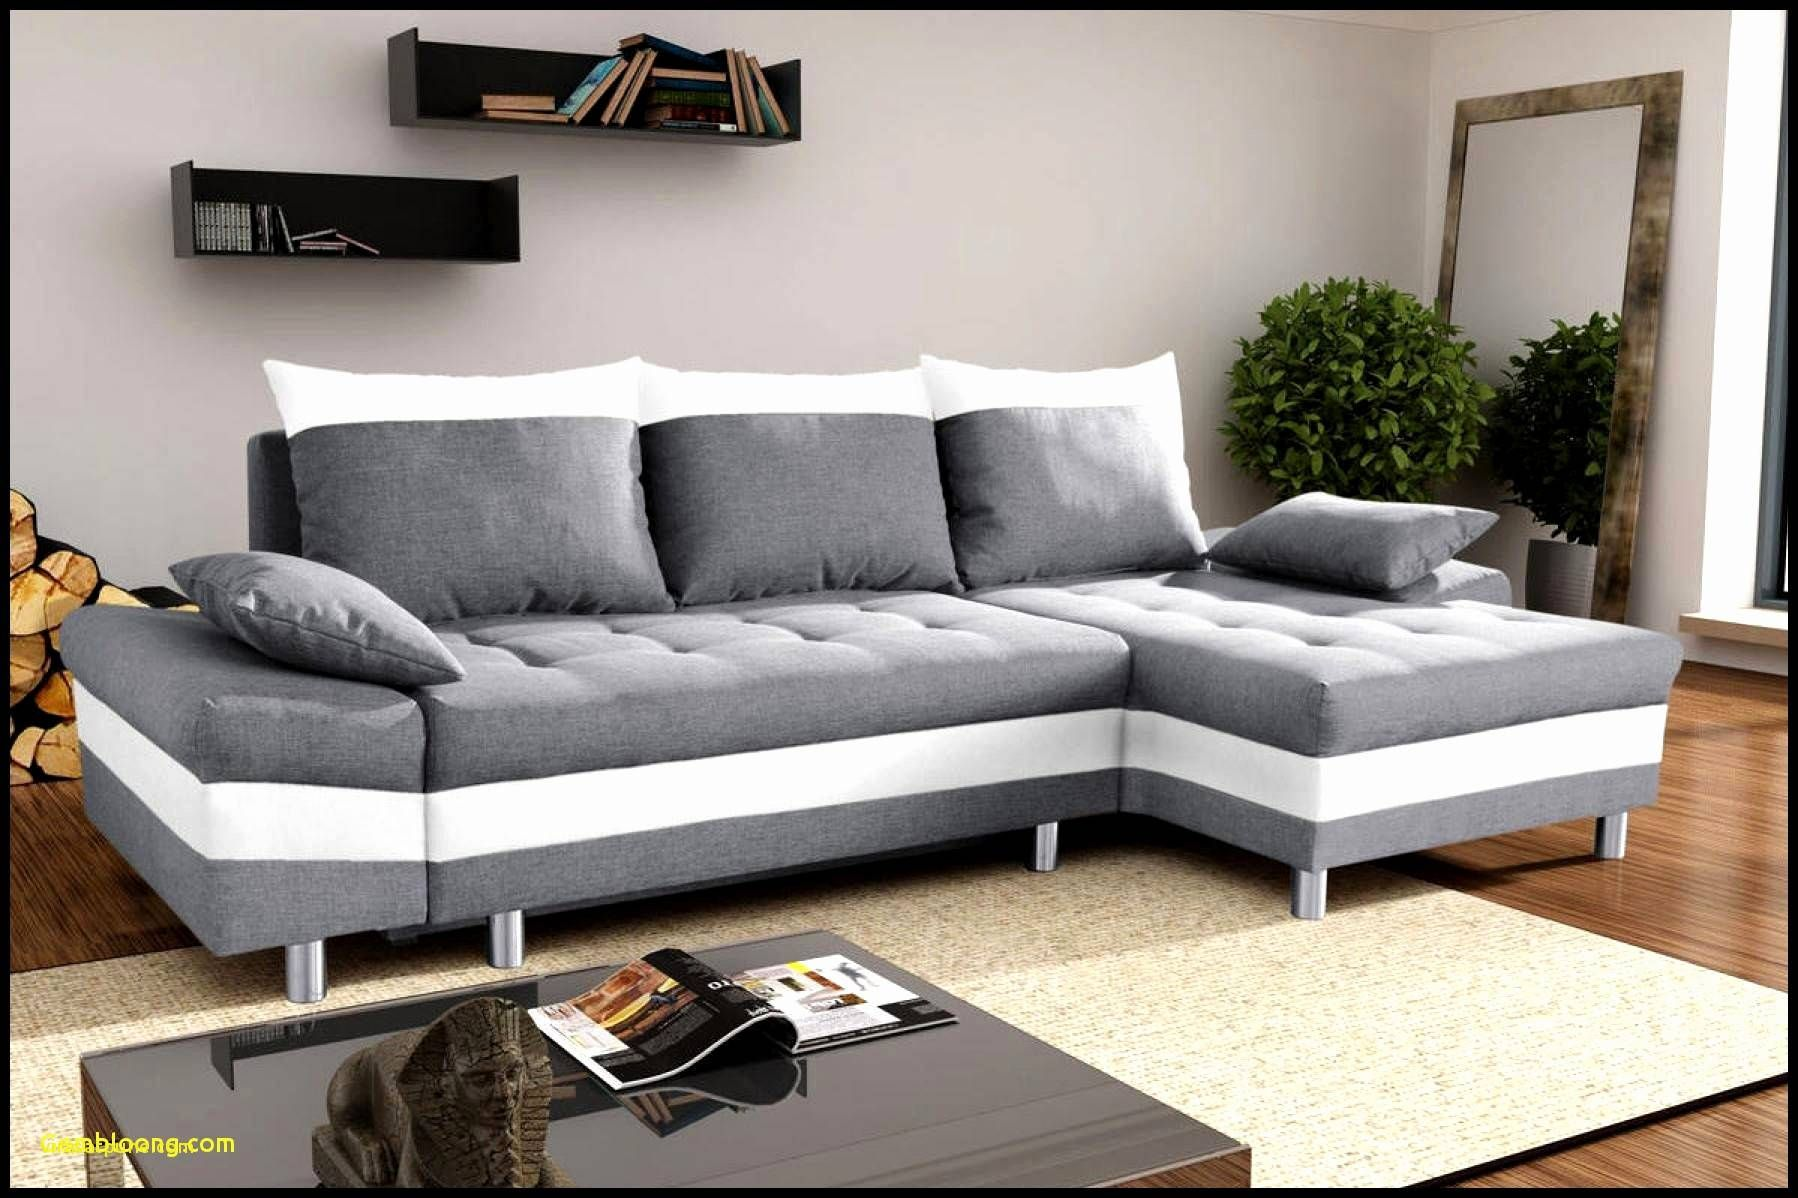 Canape Lit 160x200 Resultat Superieur Canape Lit Couchage 160x200 Nouveau Les In 2020 Furniture Living Furniture Home Decor